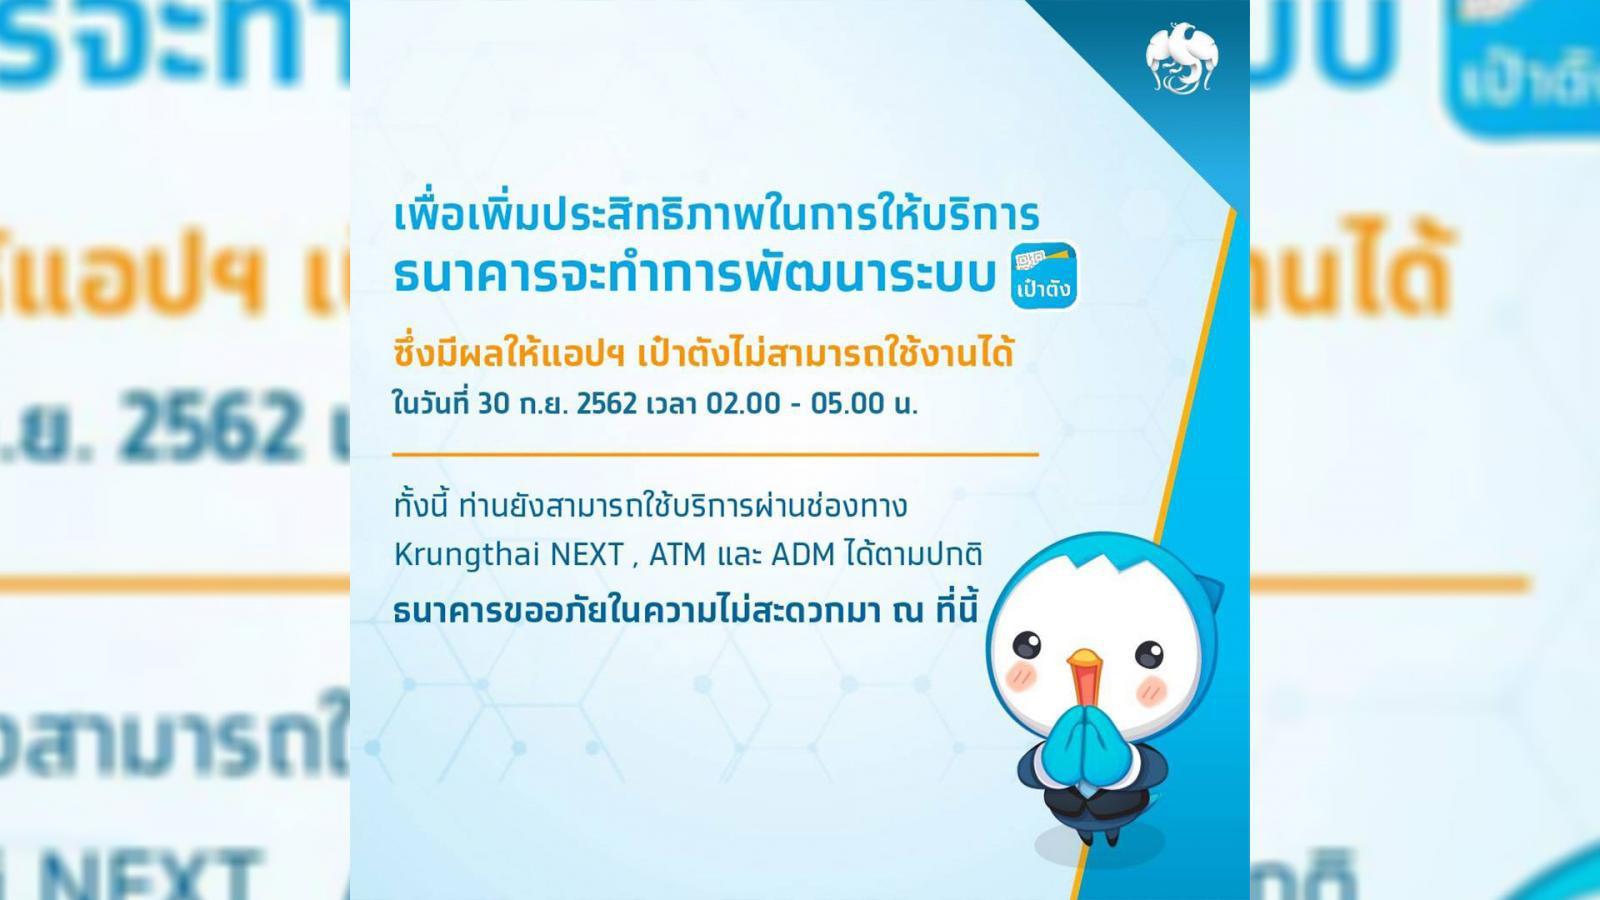 """กรุงไทย แจ้งปิดพัฒนาระบบแอปฯ """"เป๋าตัง""""02.00-05.00 น.พรุ่งนี้"""